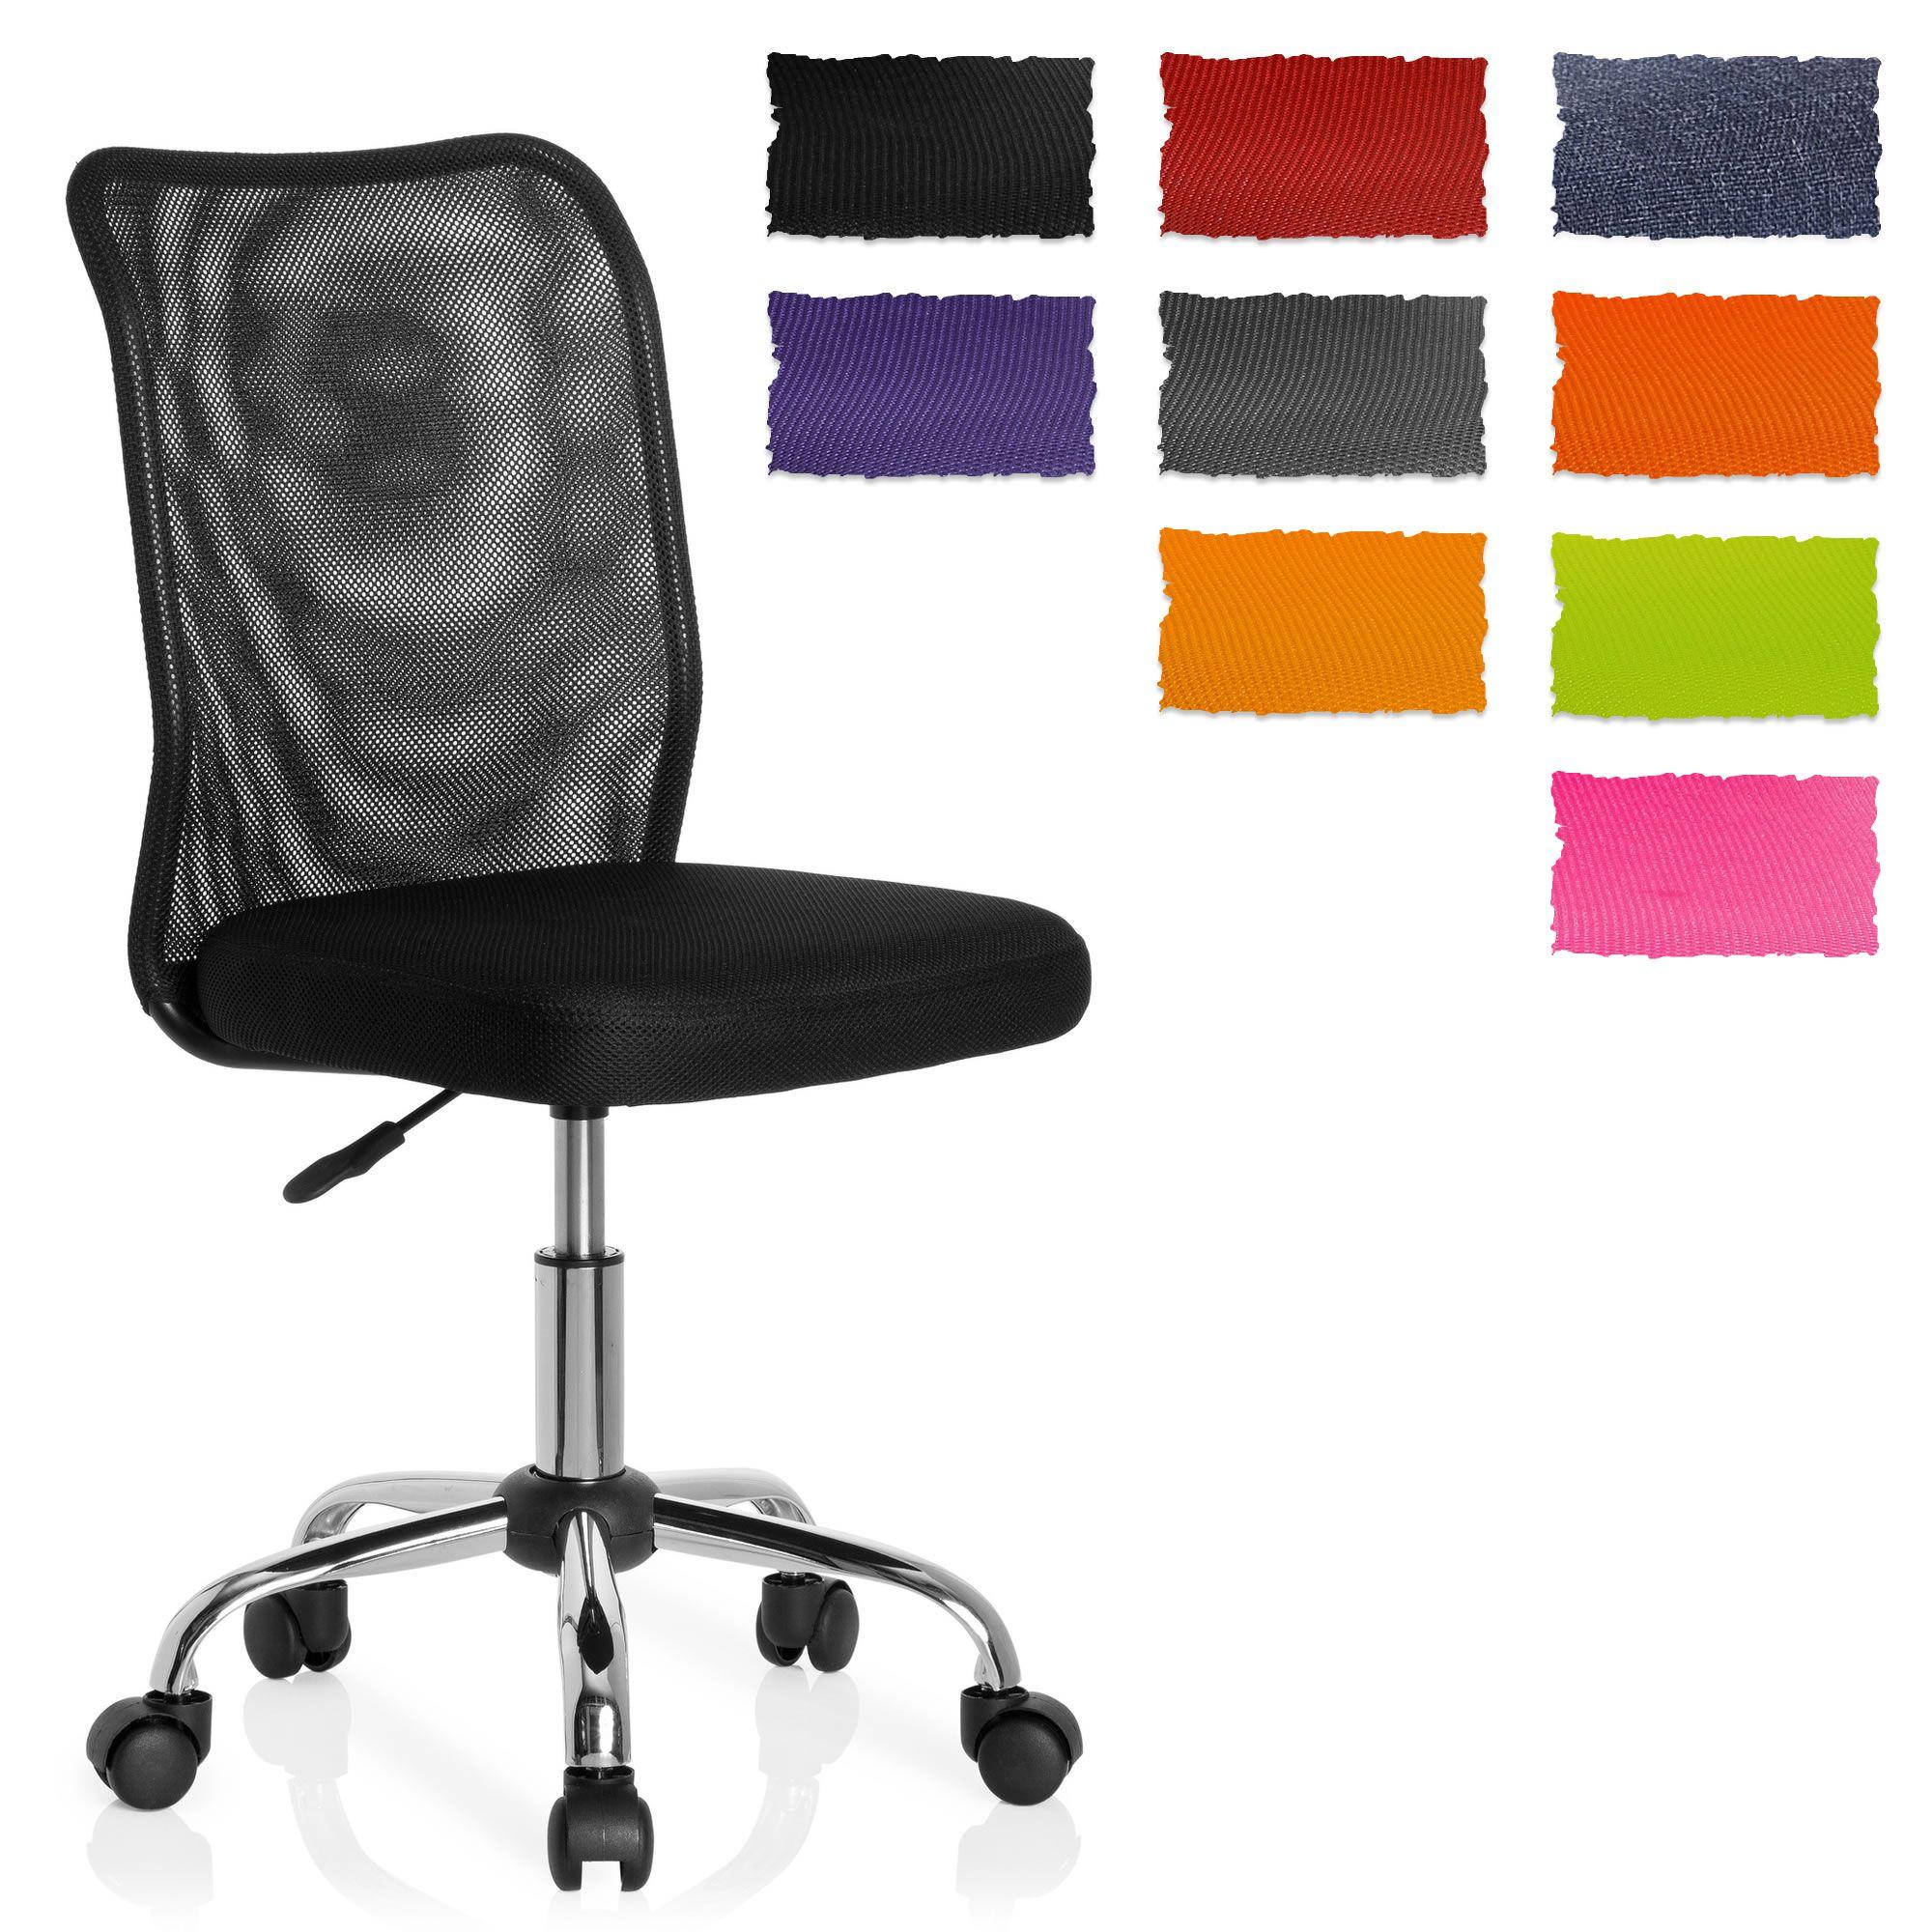 hjh office kinderstuhl kinder schreibtisch b rostuhl jugenddrehstuhl kiddy net ebay. Black Bedroom Furniture Sets. Home Design Ideas